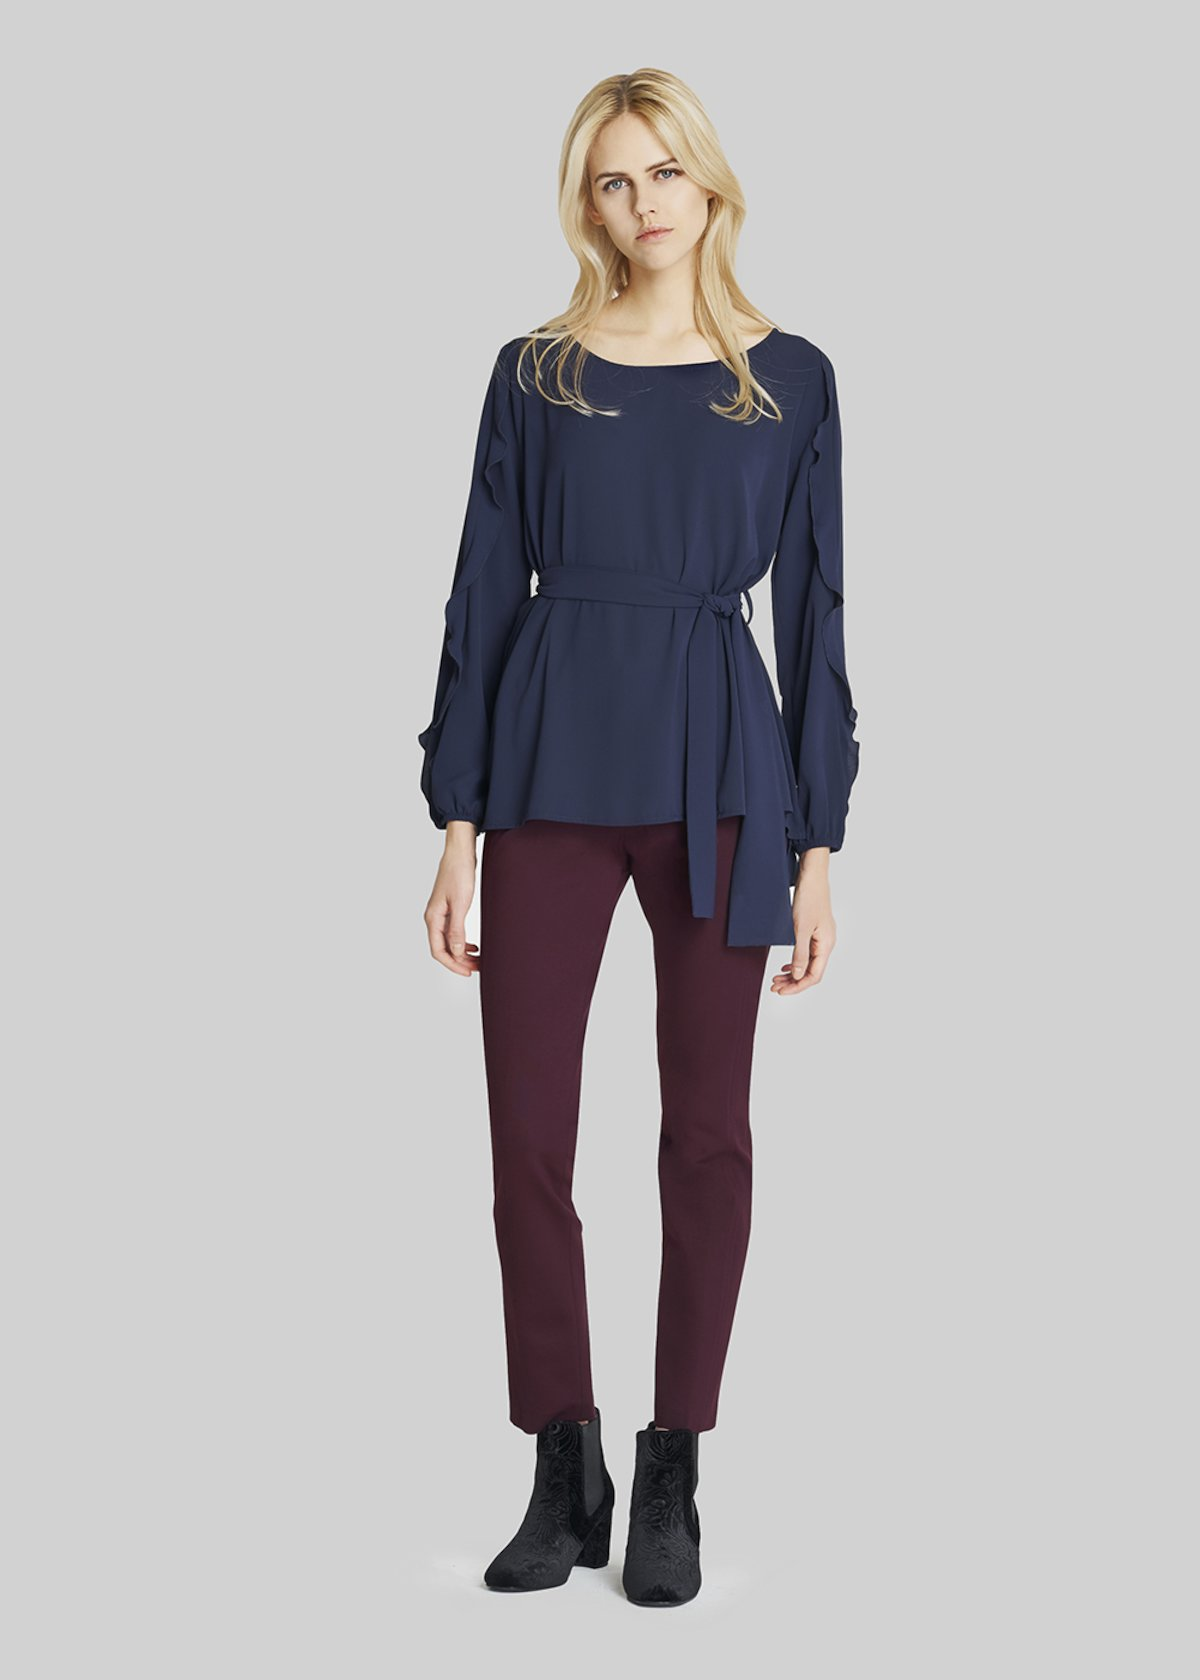 Selenia blouse click fabric - Medium Blue